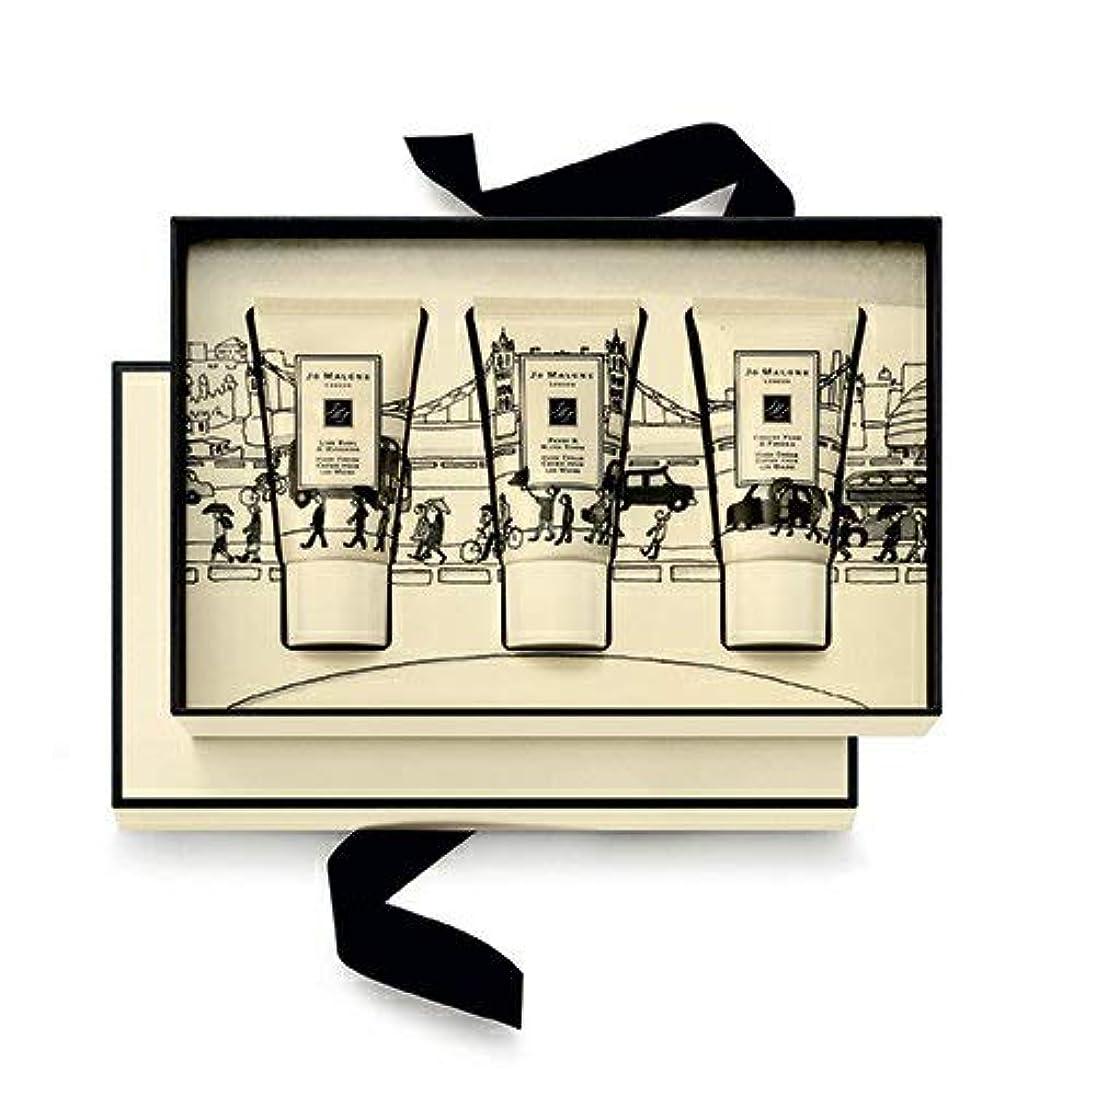 ディベート高原ヘルシージョー マローン ハンド クリーム コレクション 30ml×3(ライムバジル&マンダリン?ピオニー&ブラッシュスエード?イングリッシュペアー&フリージア)JO MALONE HAND CREAM TRIO COLLECTION [並行輸入品]